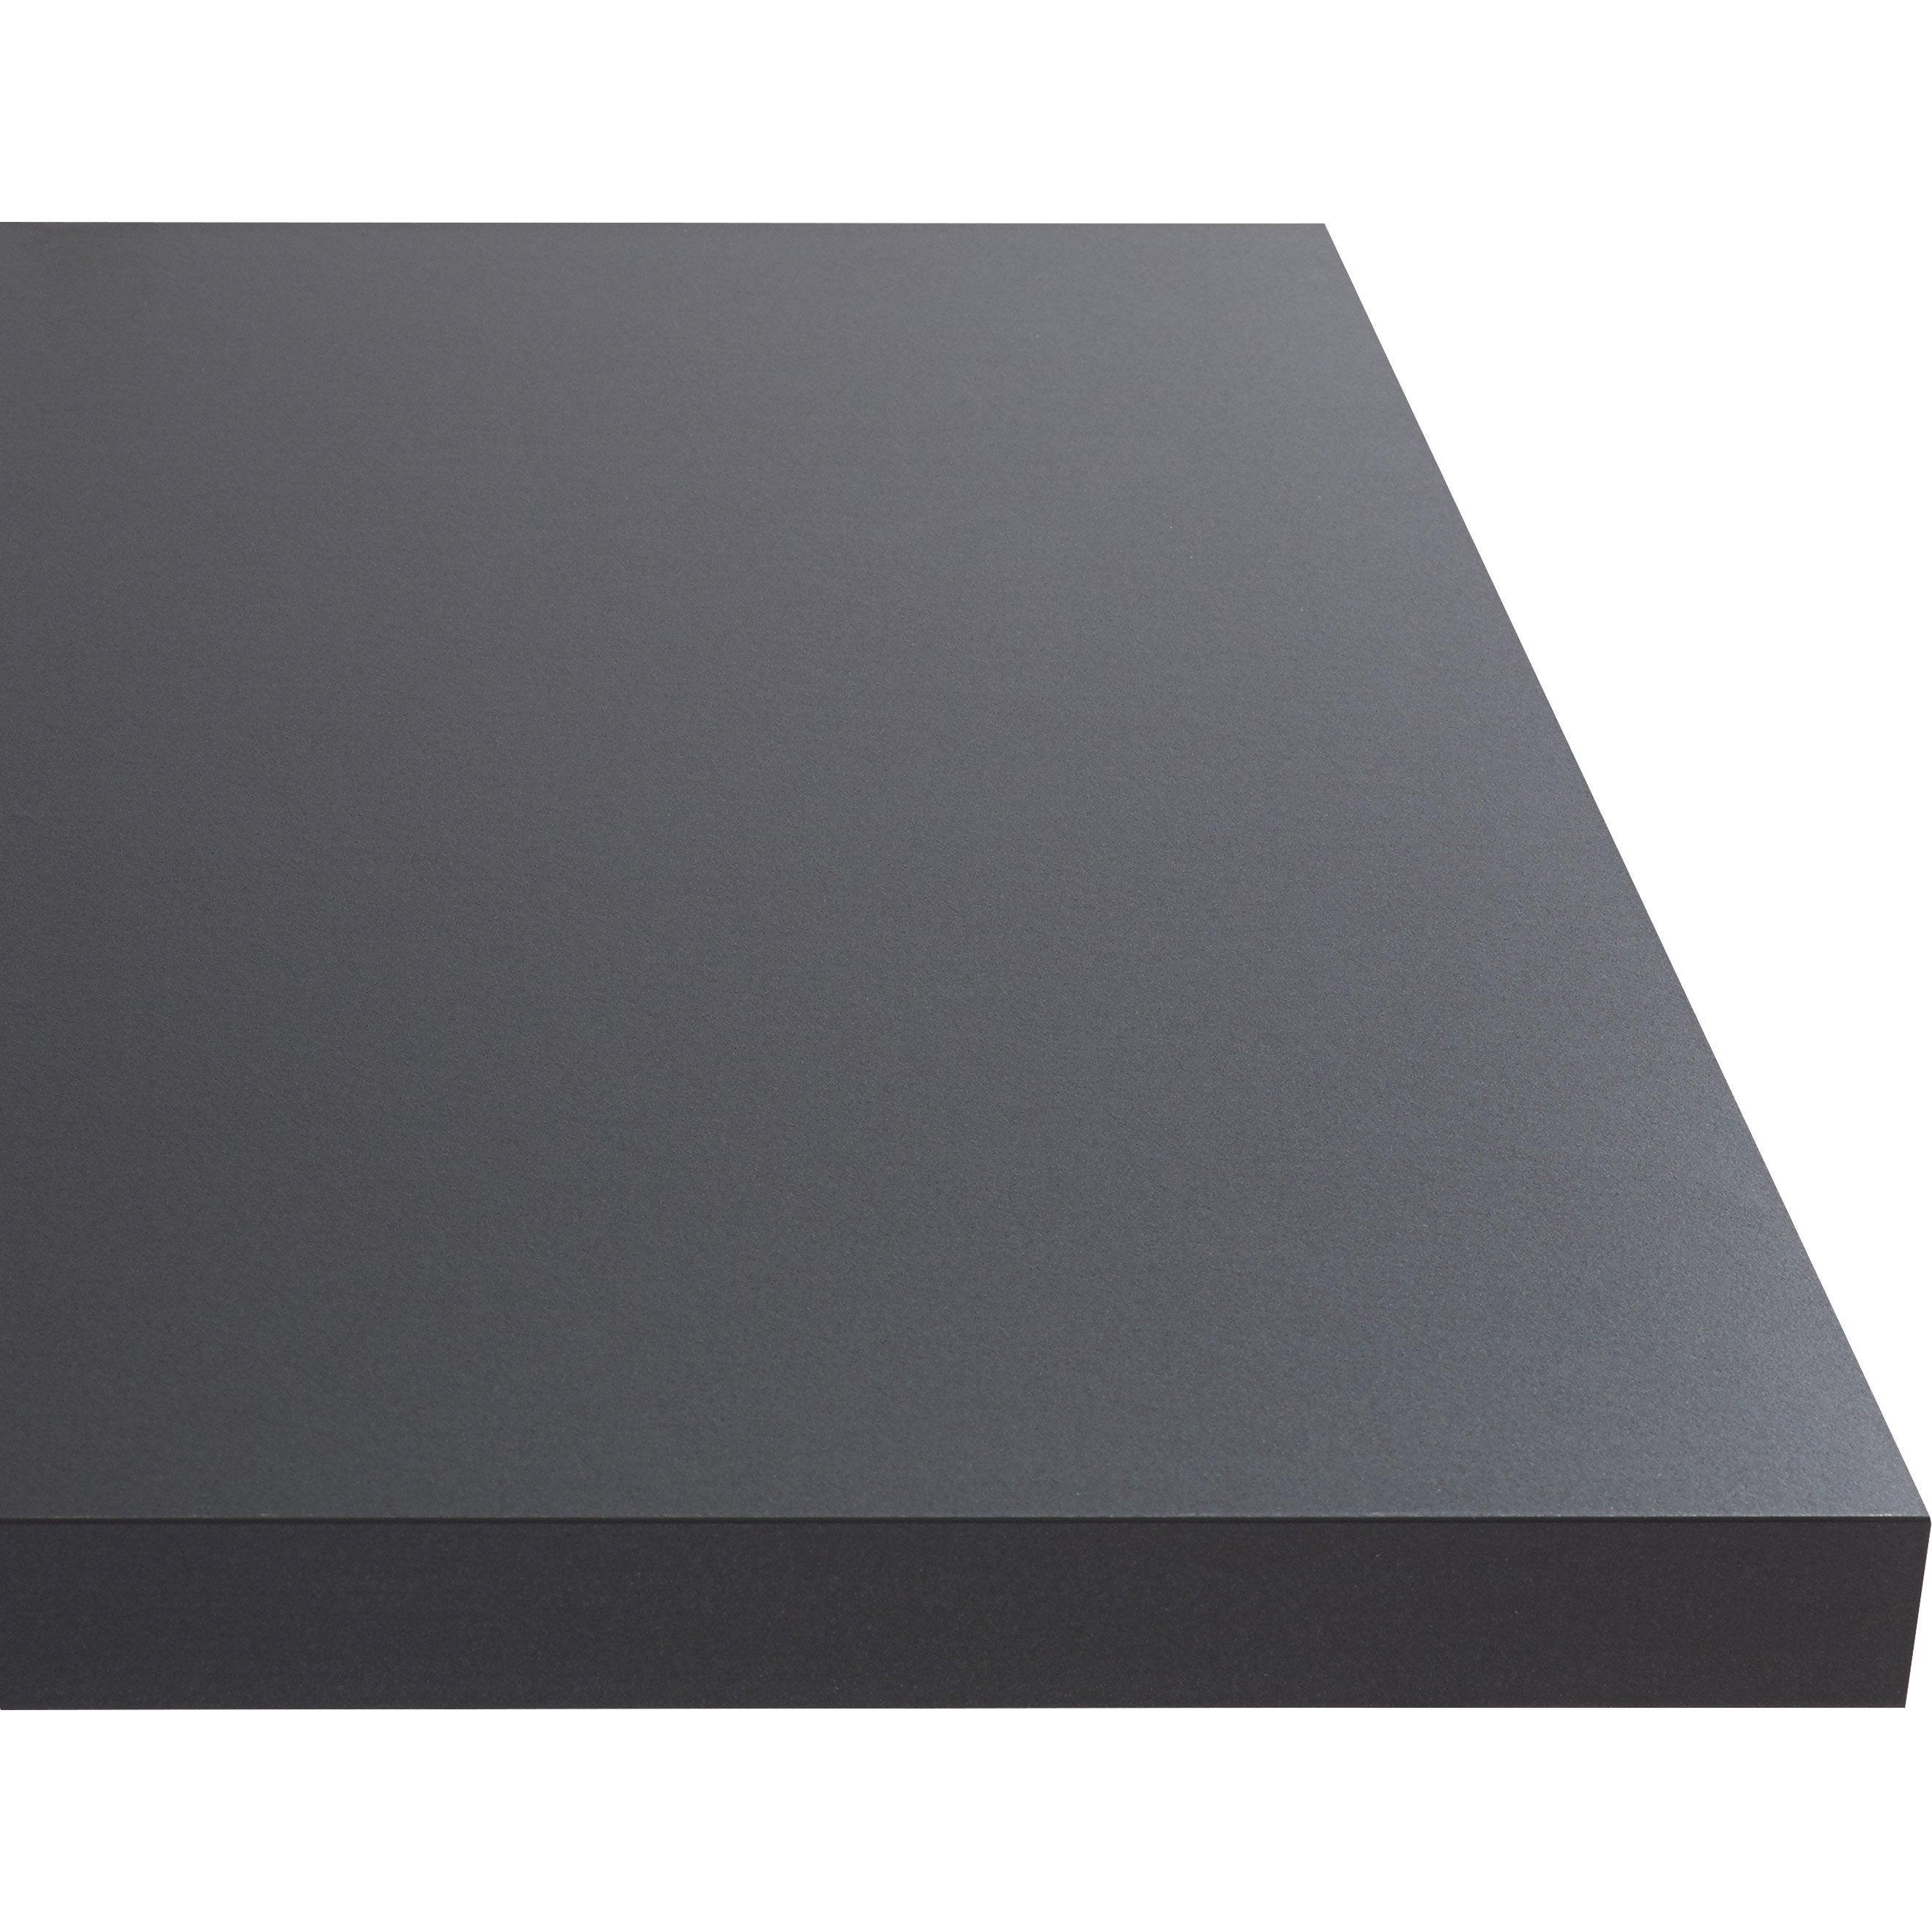 Plan de travail stratifié Effet métal anthracite Mat L.300 x P.65 cm, Ep.38 mm